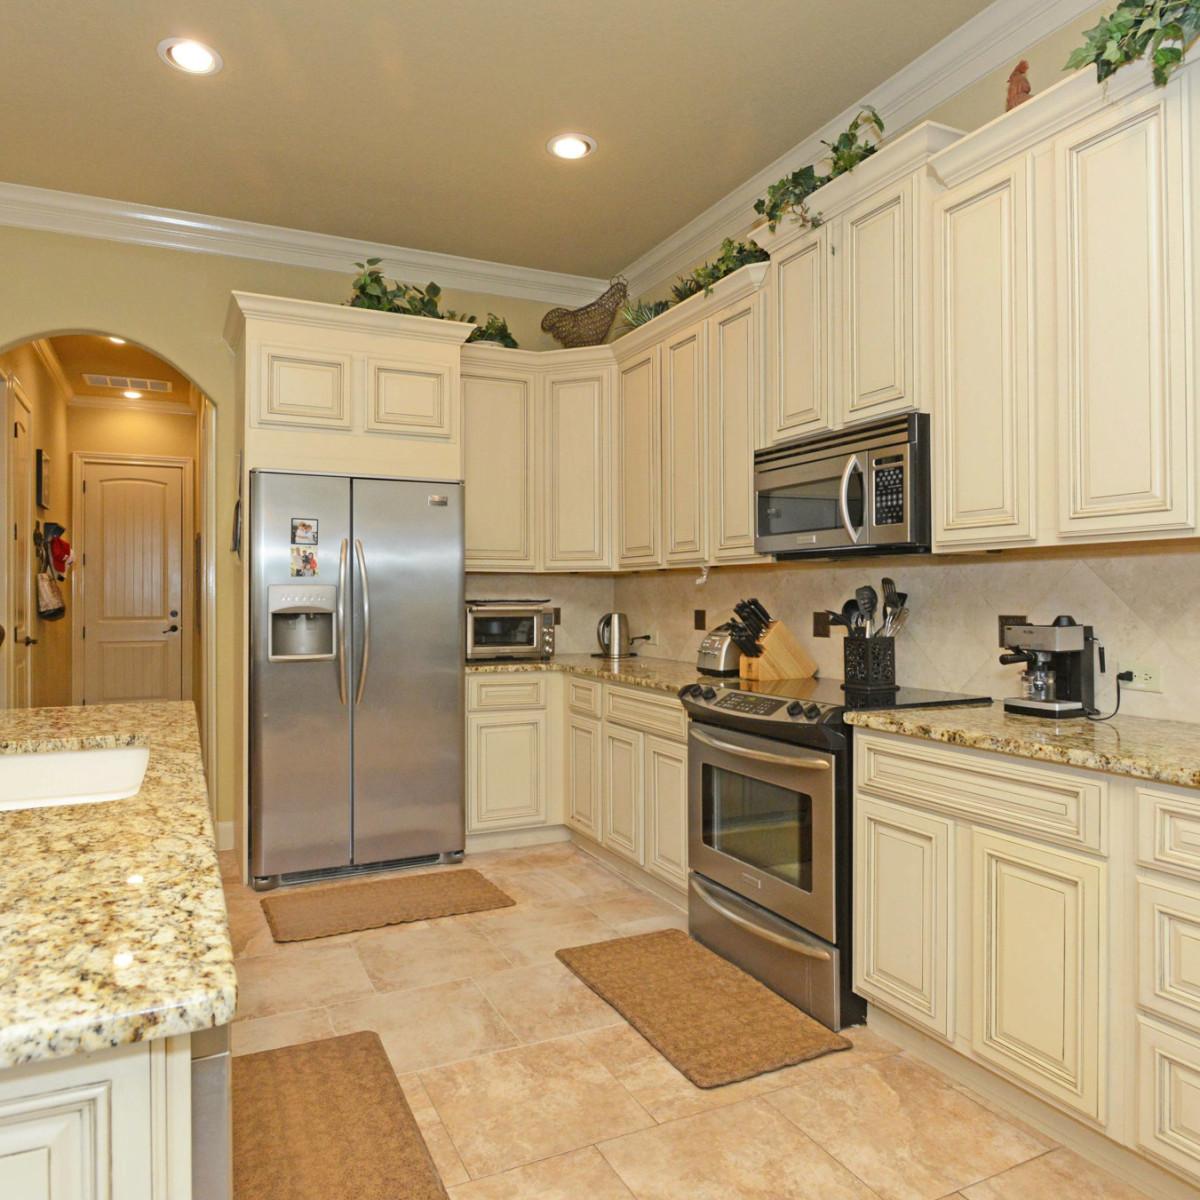 7111 Bethencourt San Antonio house for sale kitchen